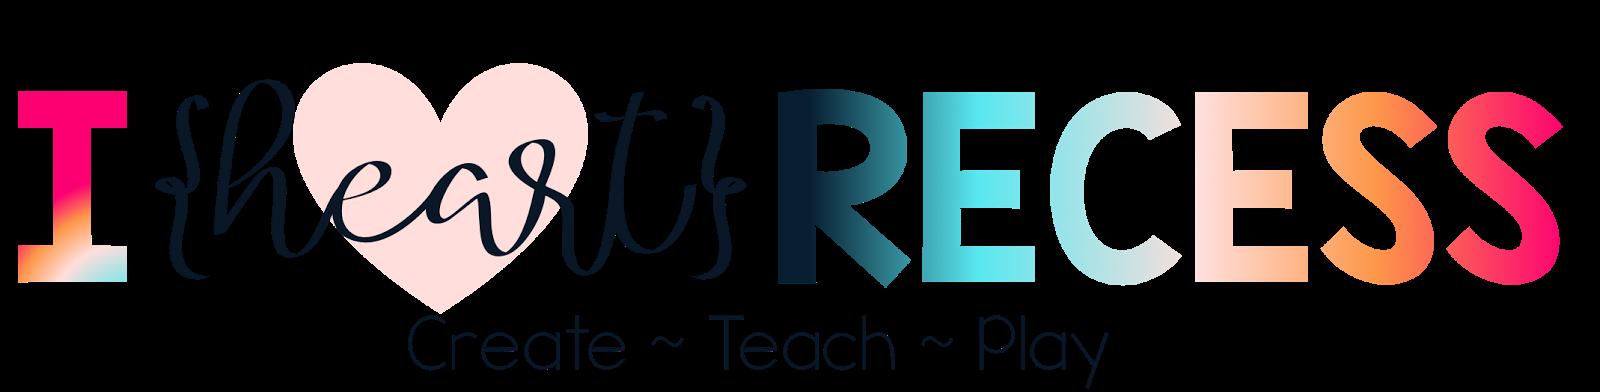 I {heart} Recess